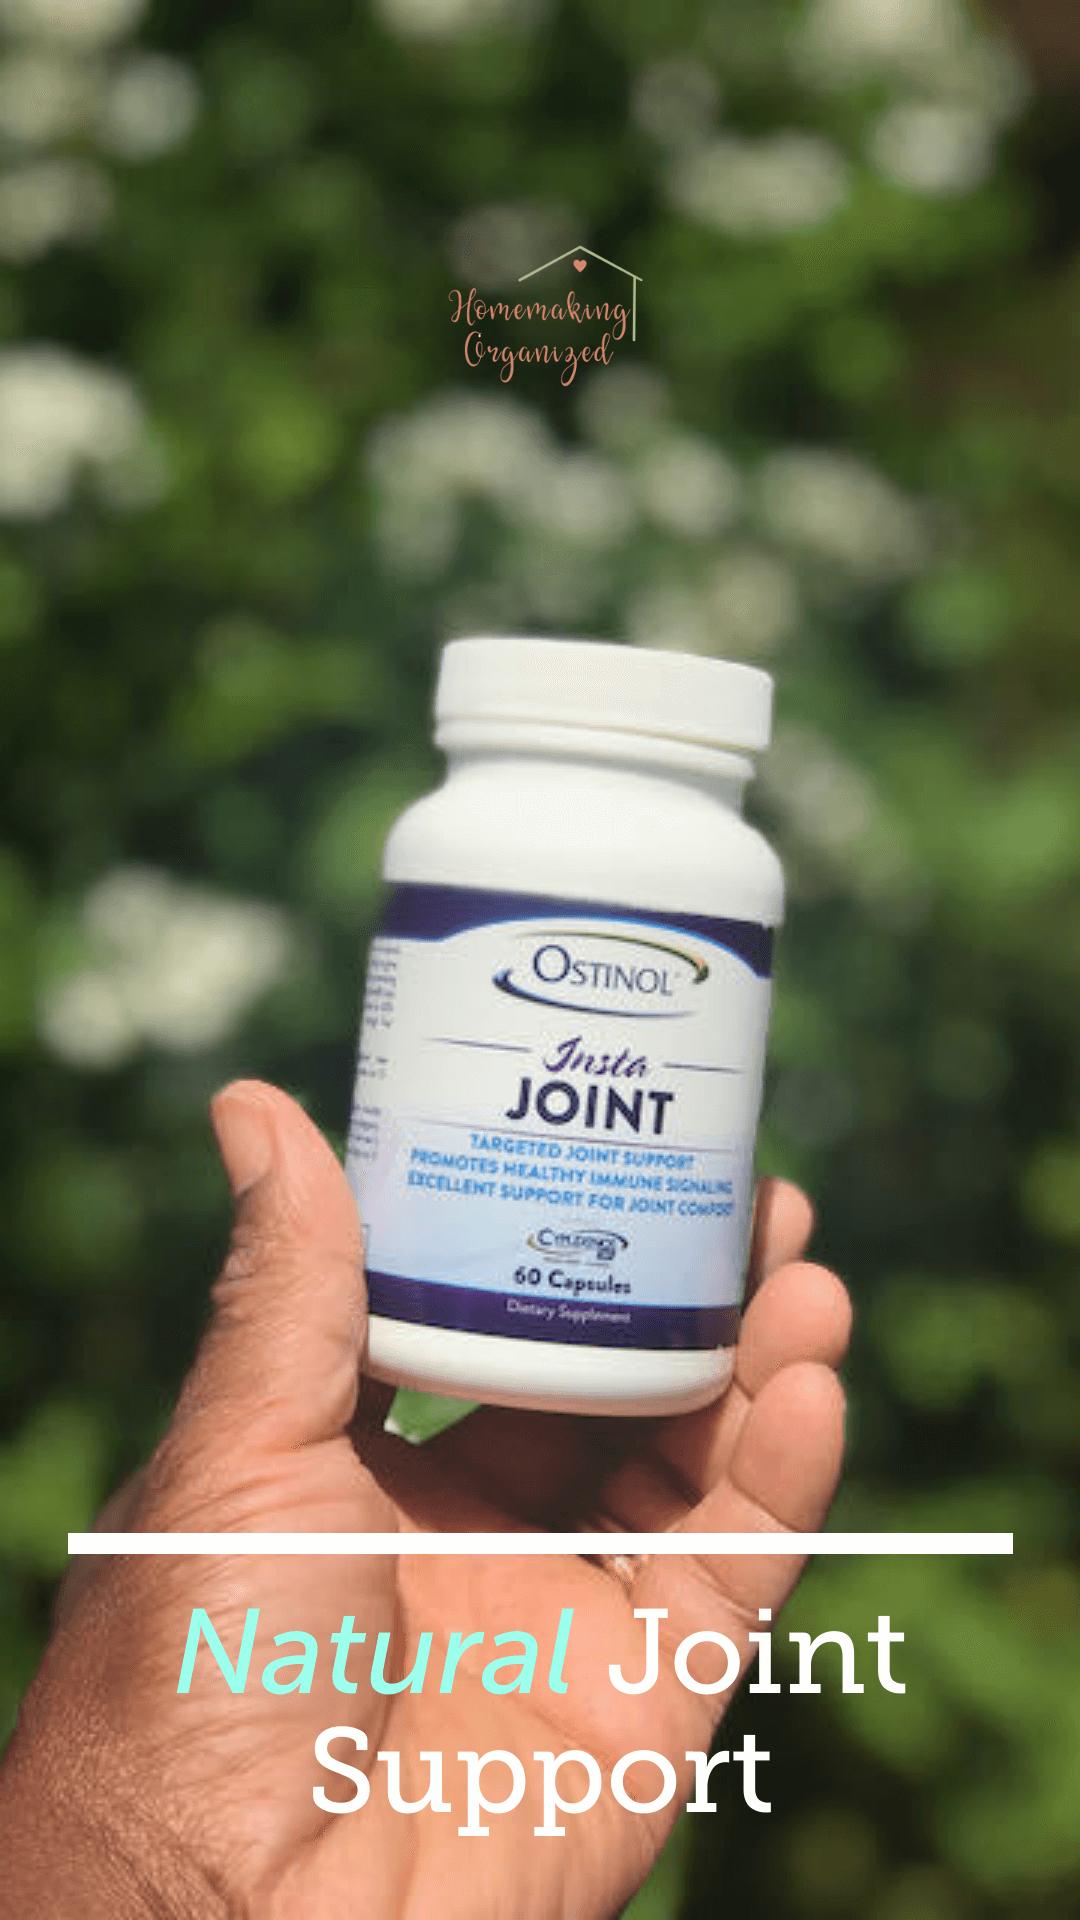 Ostinol Insta Joint Supplement